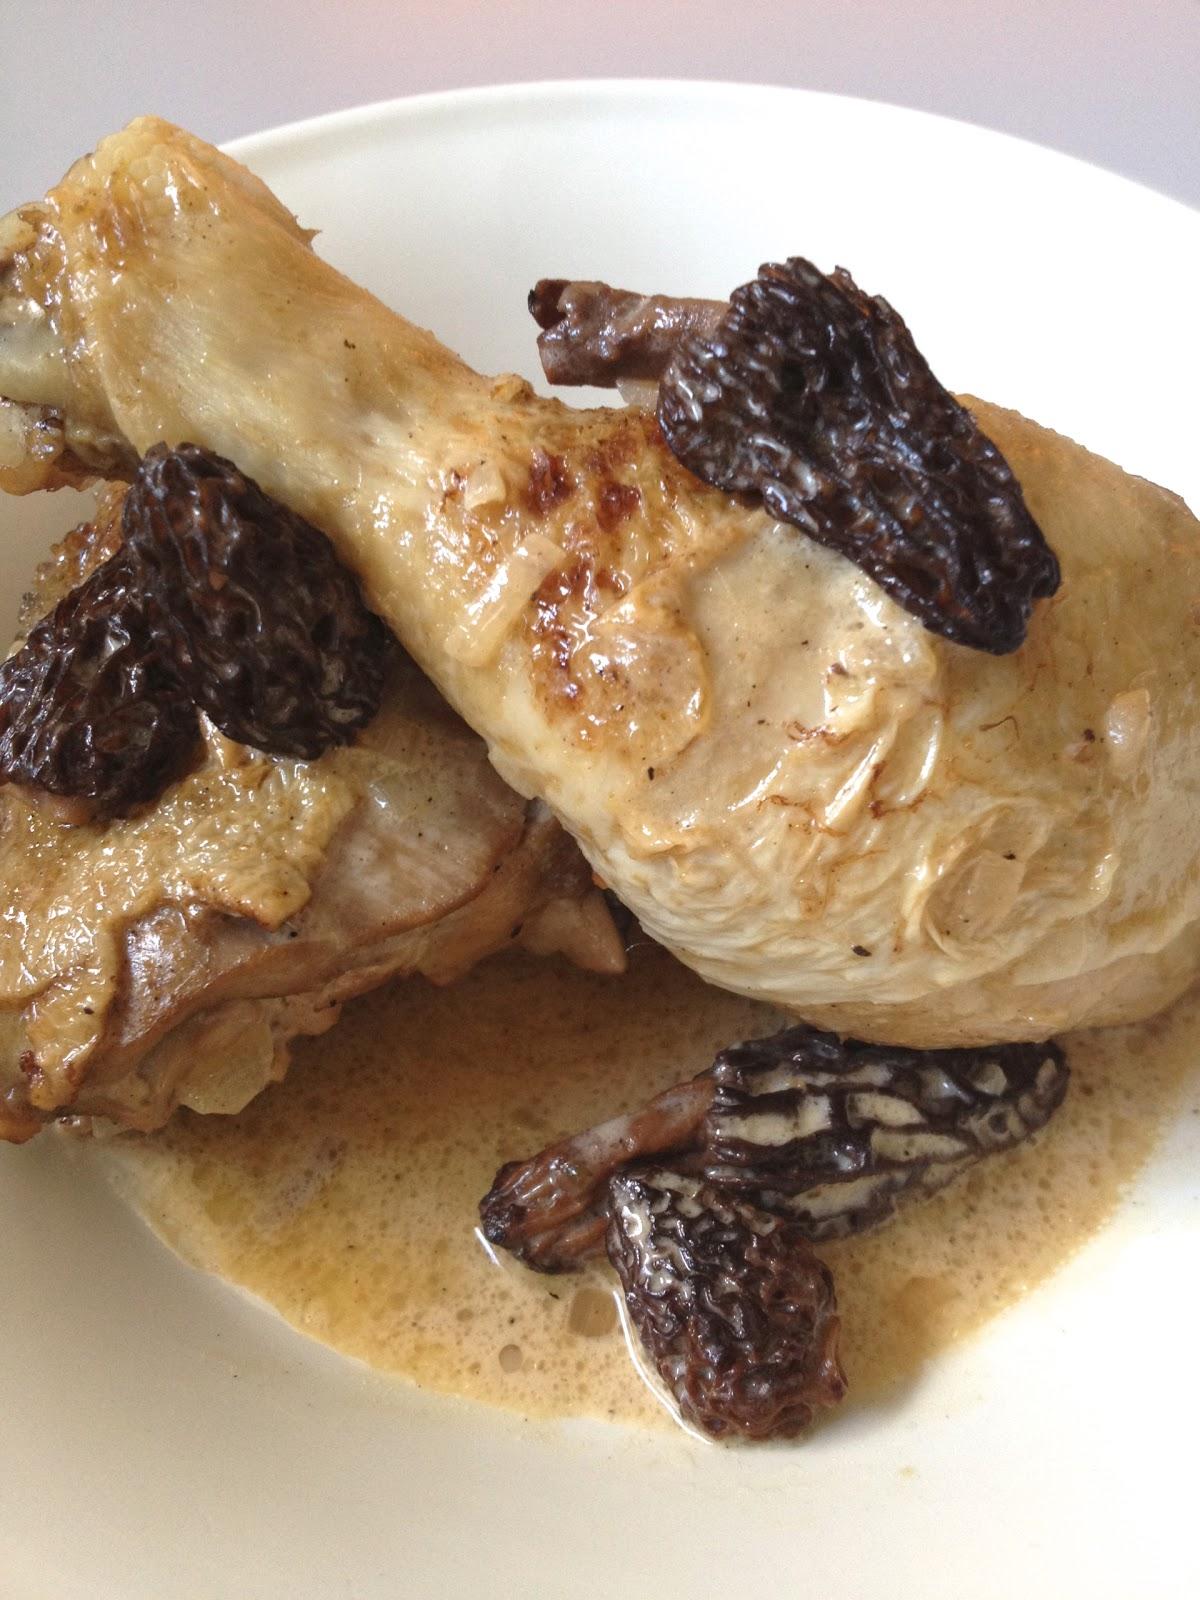 Poulet Au Vin Jaune Et Morilles : poulet, jaune, morilles, Simple, Comme, Poulet, Fermier, Morilles, Jaune, Cuisine, C'est